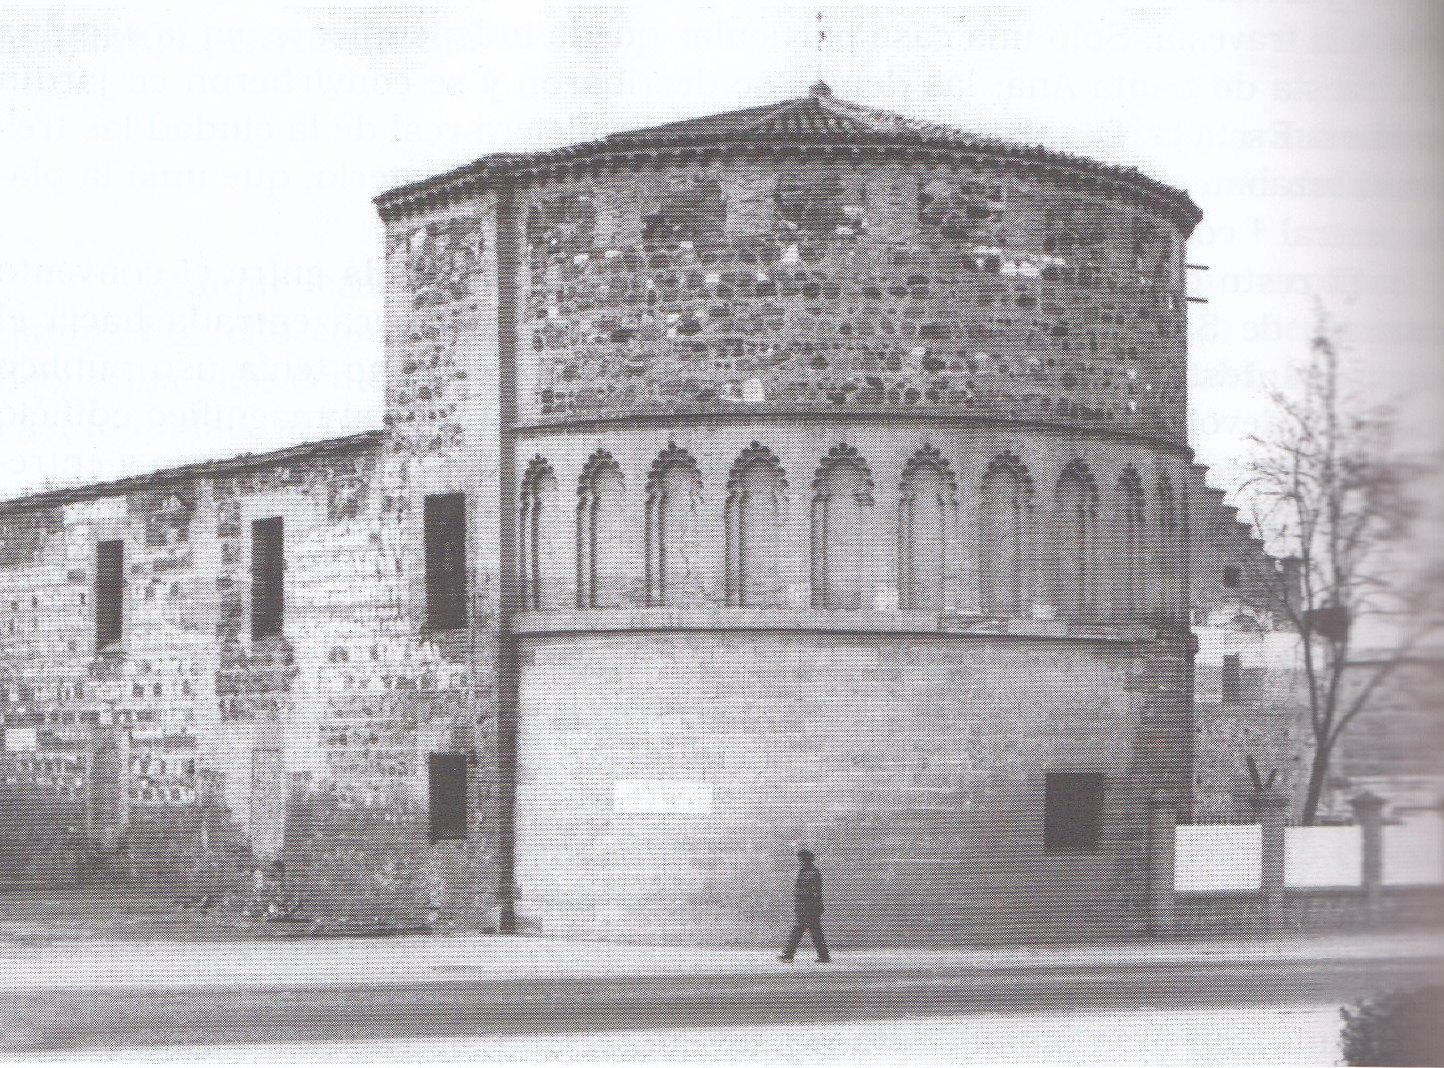 Ábside del Hospital de San Lázaro antes de ser hotel. Foto Villasante